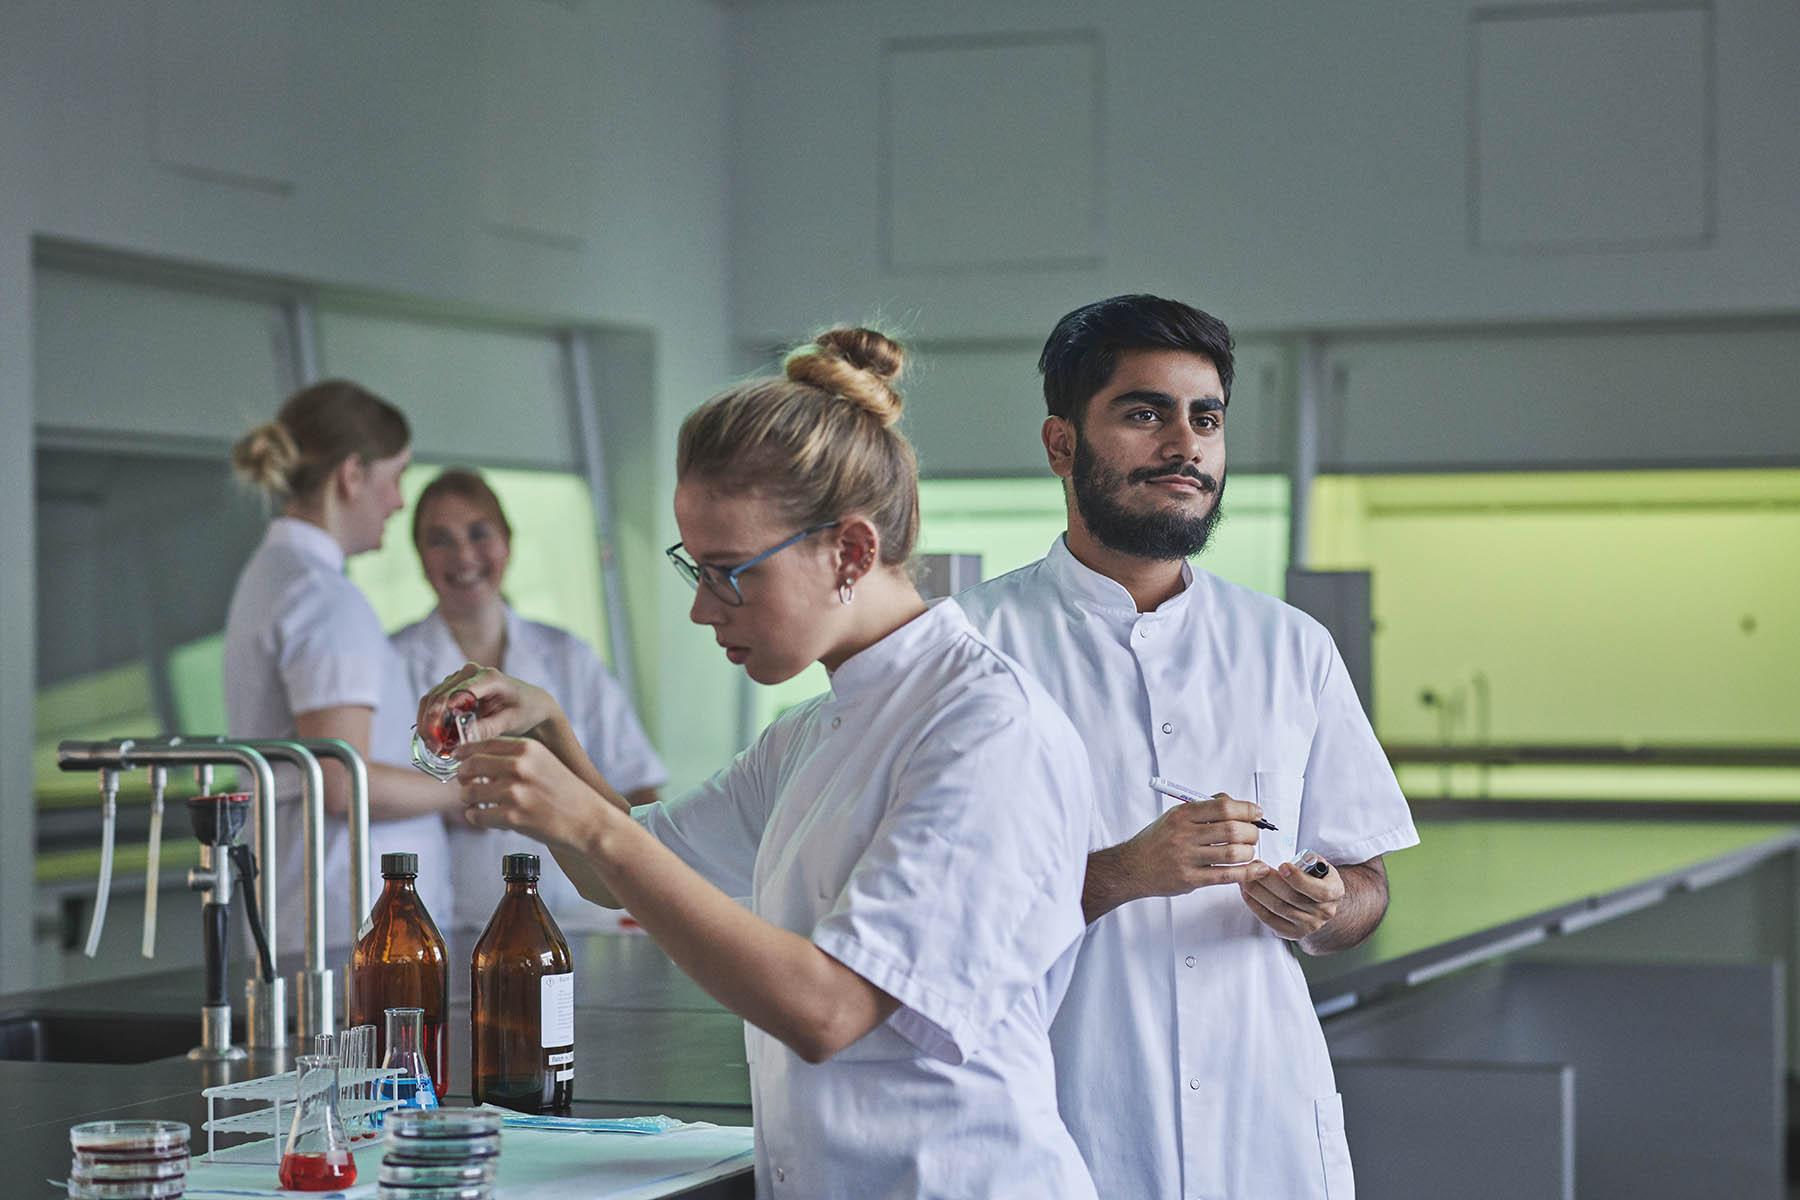 4 bioanalytikere-studerende på Københavns Professionshøjskole står i kitler i laberatorium og blander forskellige væsker.